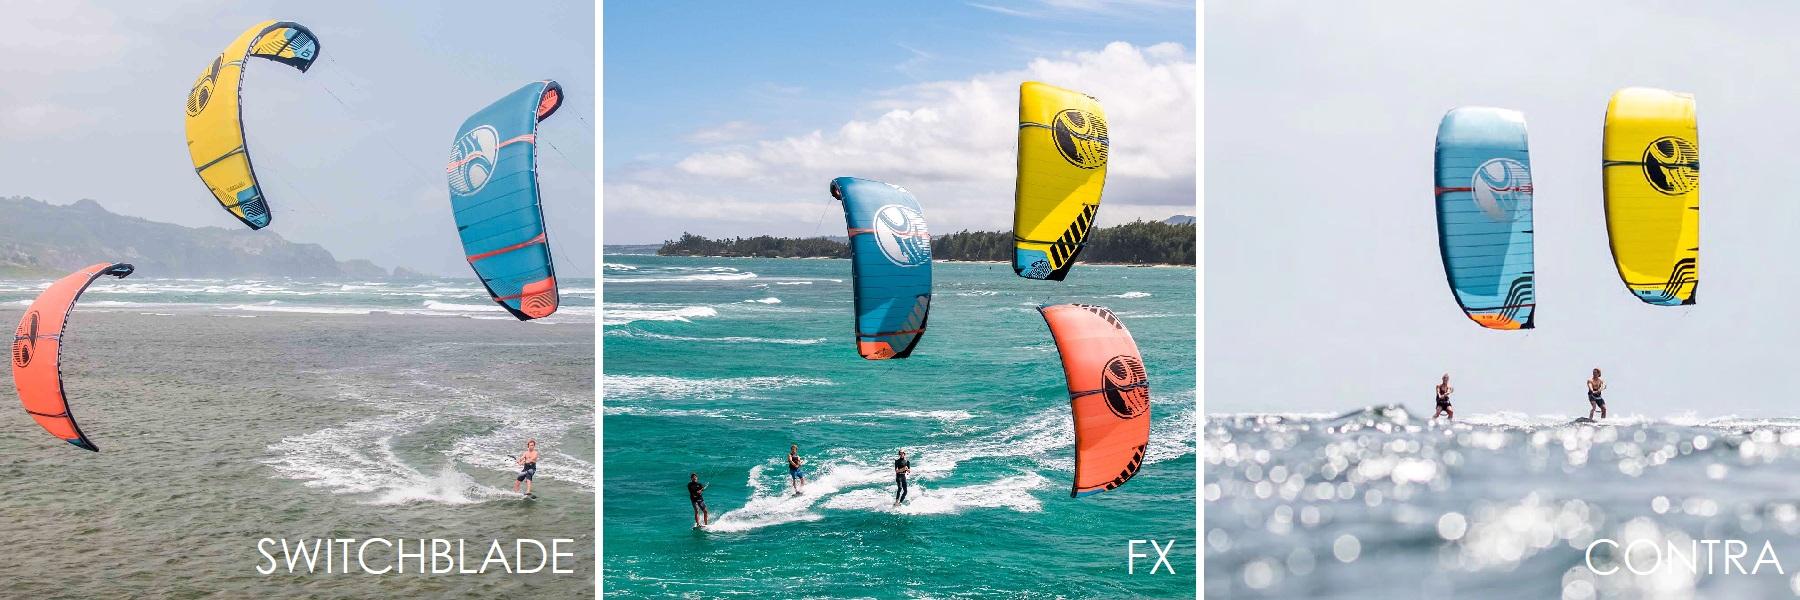 wypożyczenie kite sycylia, wypożyczenie kite lo stagnone, wypożyczenie sprzętu kite na sycylii, wypożyczenie sprzętu do kitesurfingu na sycylii, wypożyczenie sprzętu do kitesurfingu lo stagnone, wypożyczalnia kite lo stagnone, wypożyczalnia kite sycylia, wypożyczalnia sprzętu do kitesurfingu na sycylii, wypożyczalnia sprzętu do kitesurfingu w lo stagnone